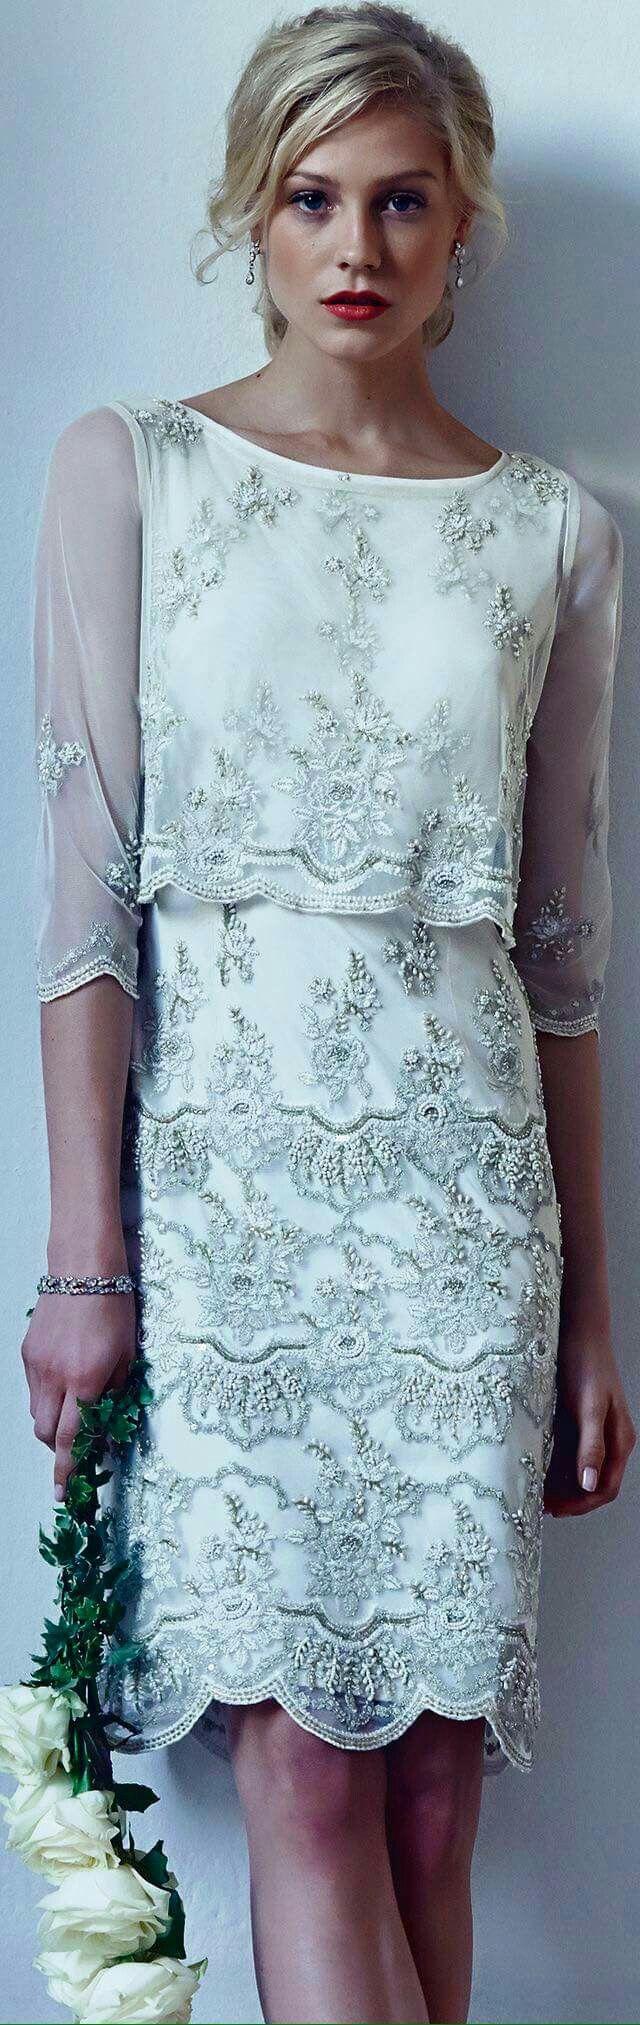 Vestido encaje detalle del cuerpo con transparente wedding oct